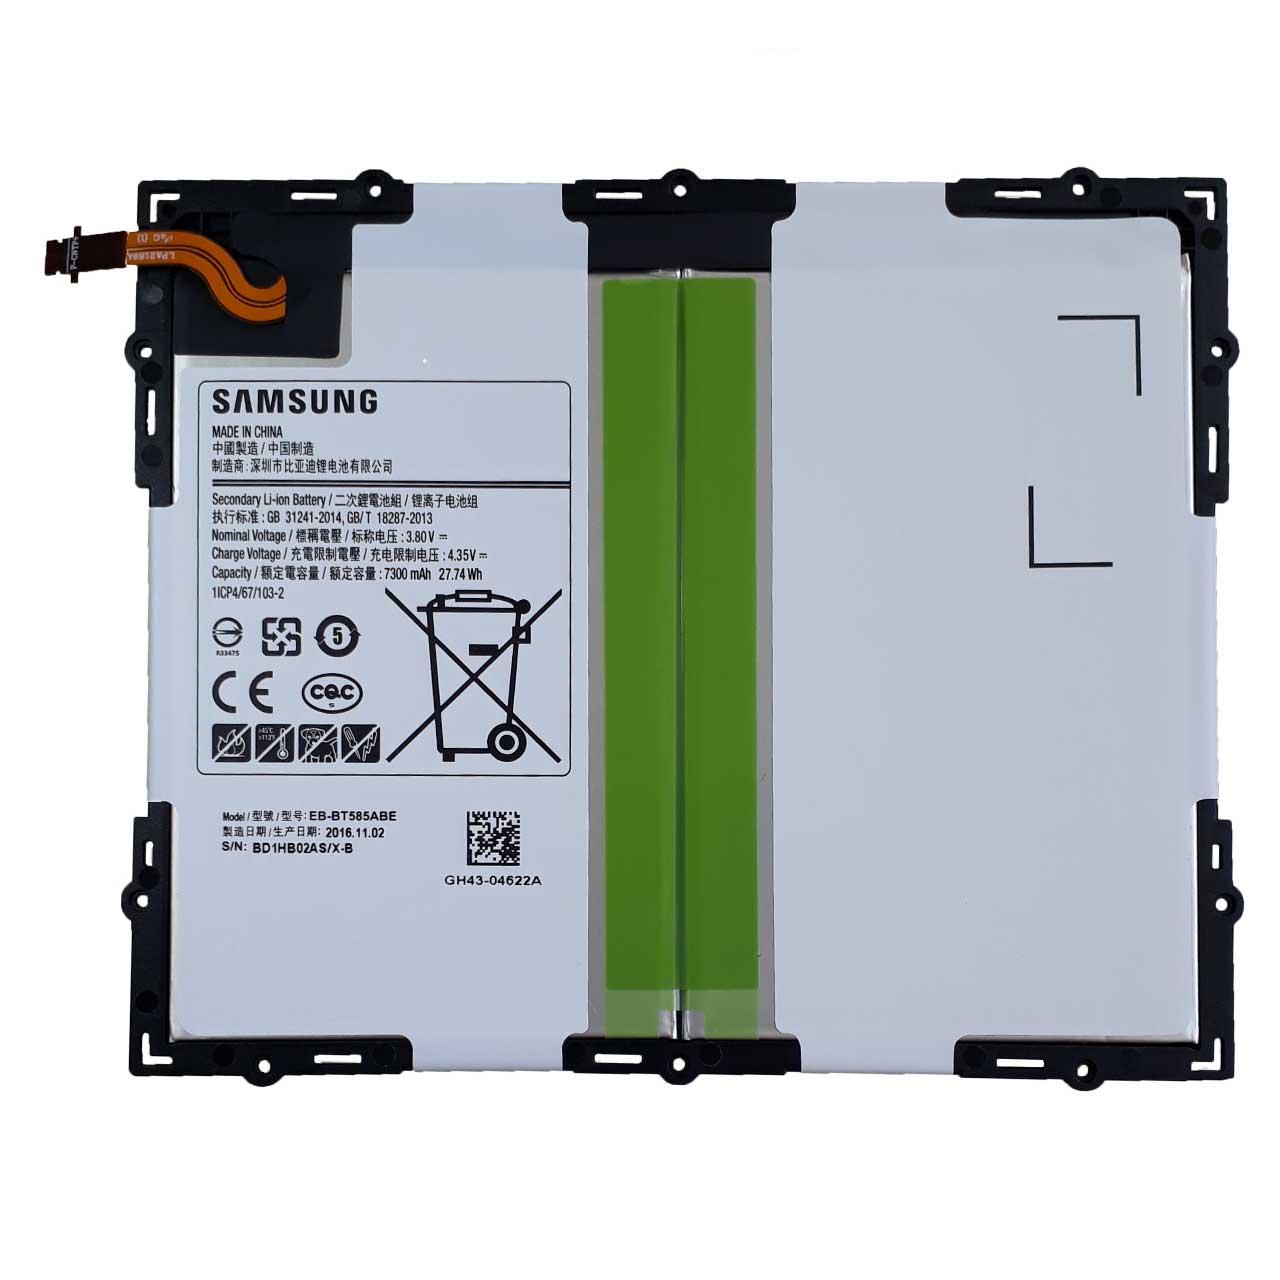 باتری تبلت مدل EB-BT585ABE ظرفیت 7300 میلی آمپر مناسب تبلت سامسونگ Tab A 10.1 - 2016